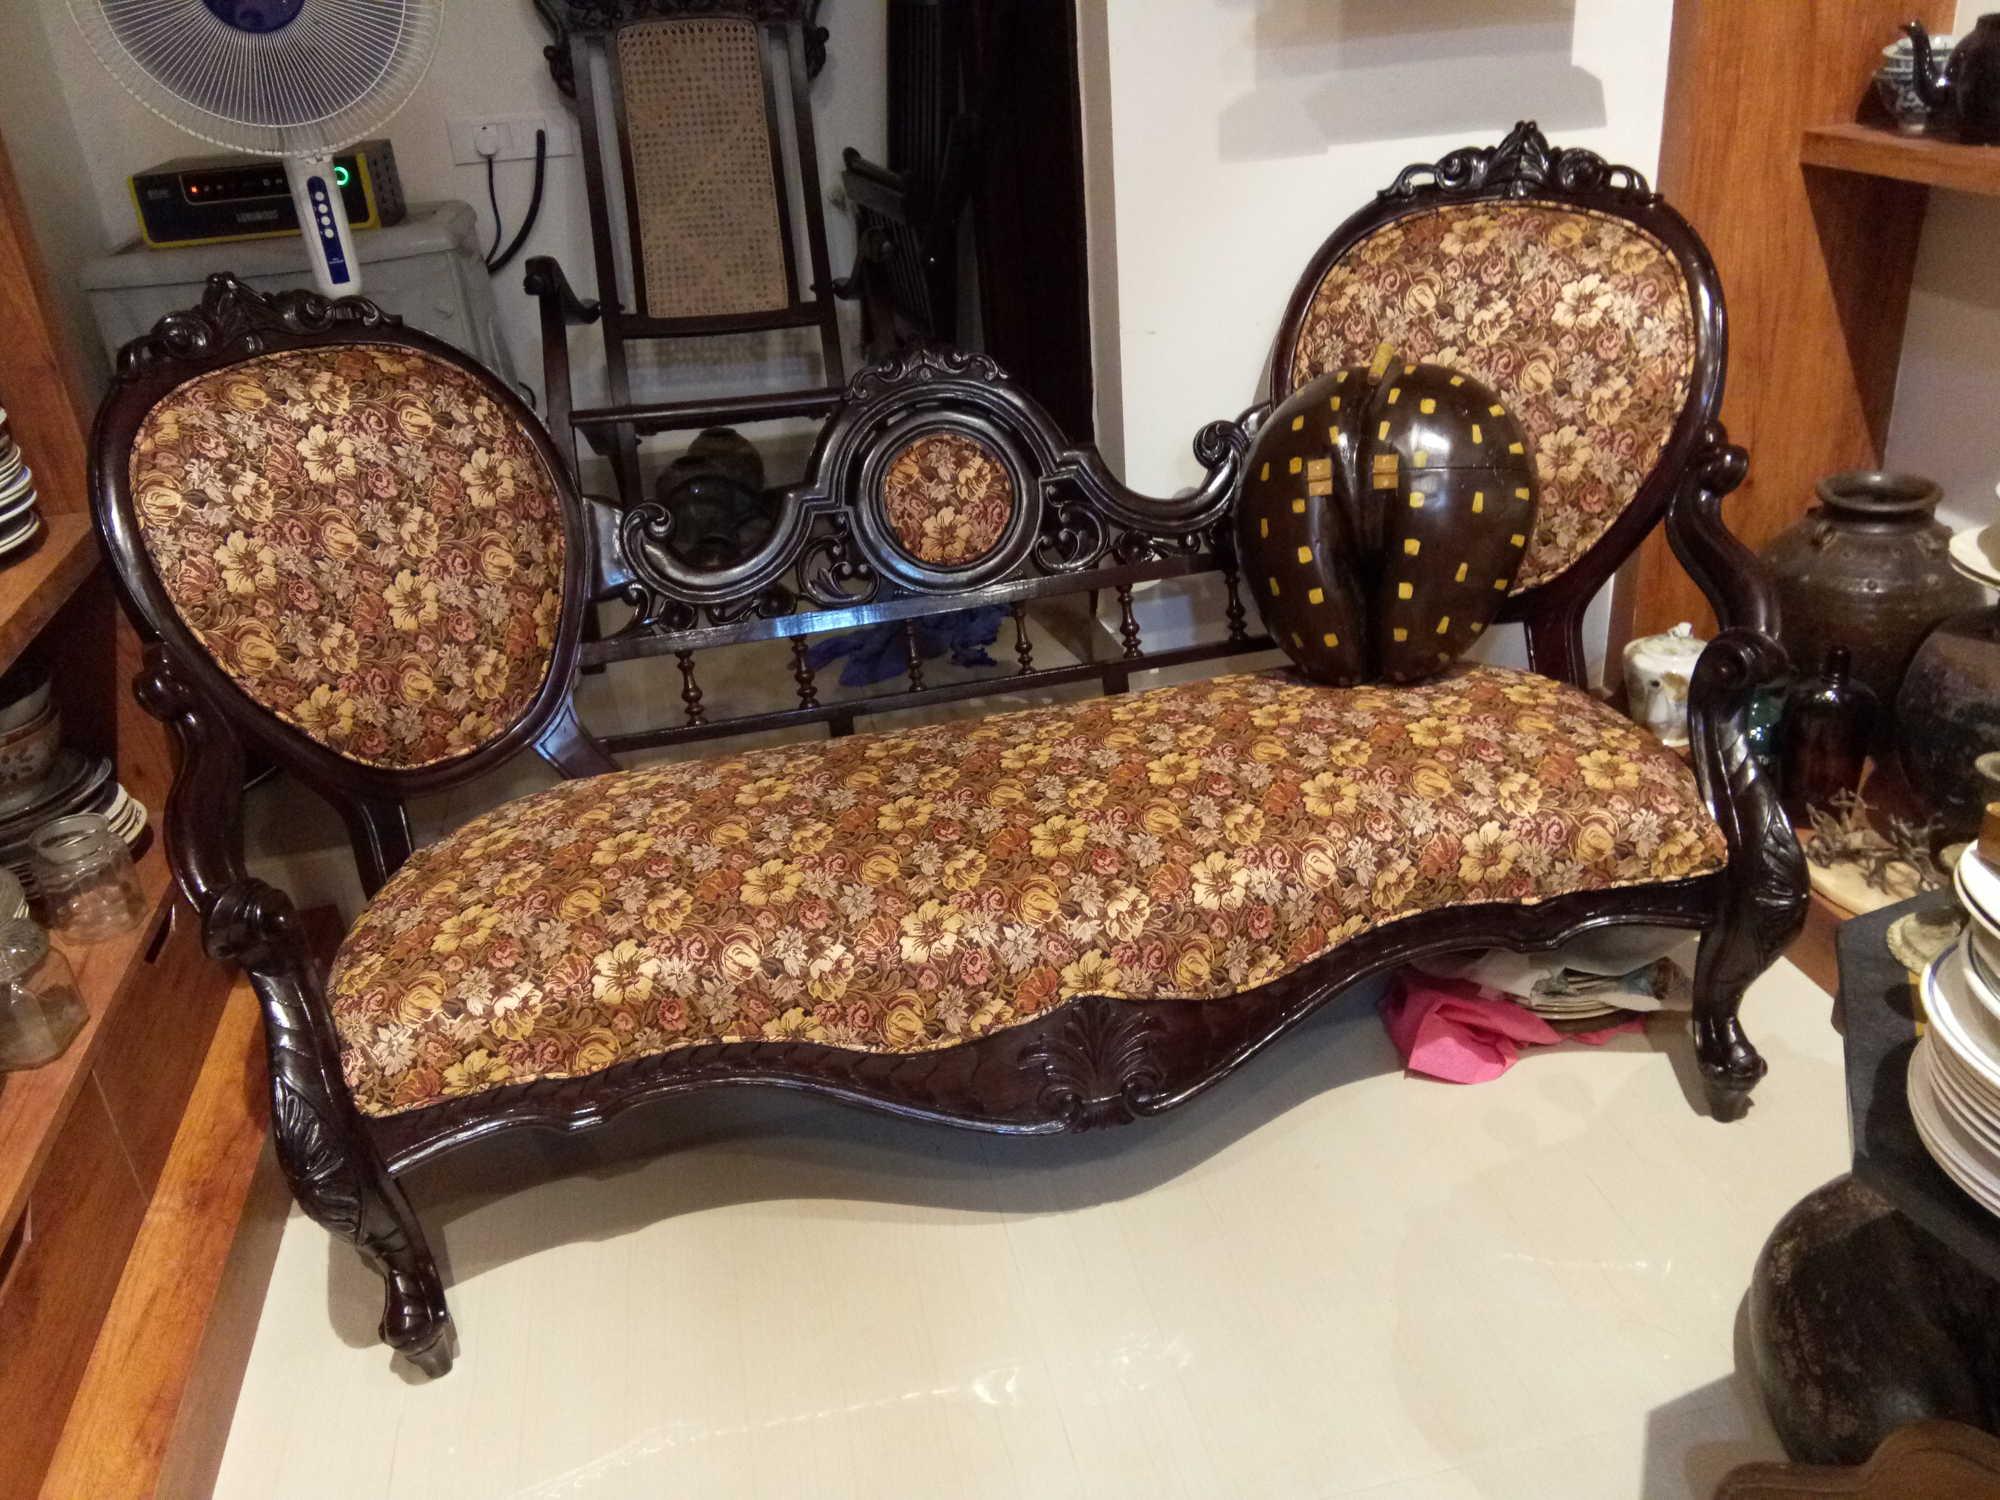 Top 20 Antique Dealers in Goa Best Vintage Item Dealers Justdial